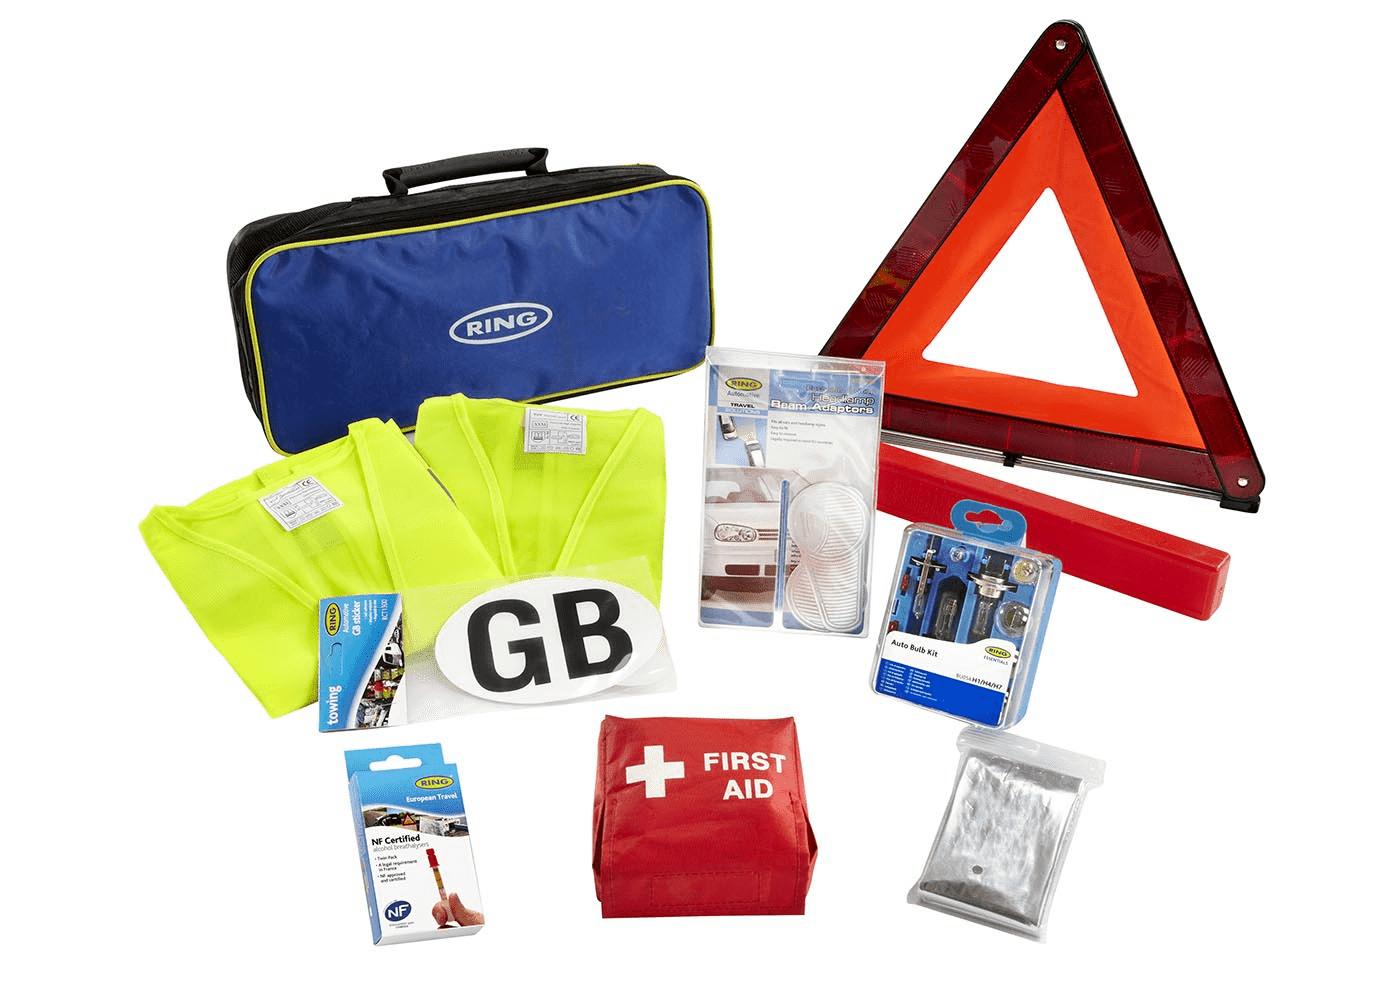 Ring European Travel Kit  - £15 Instore @ Tesco (Sandhurst)